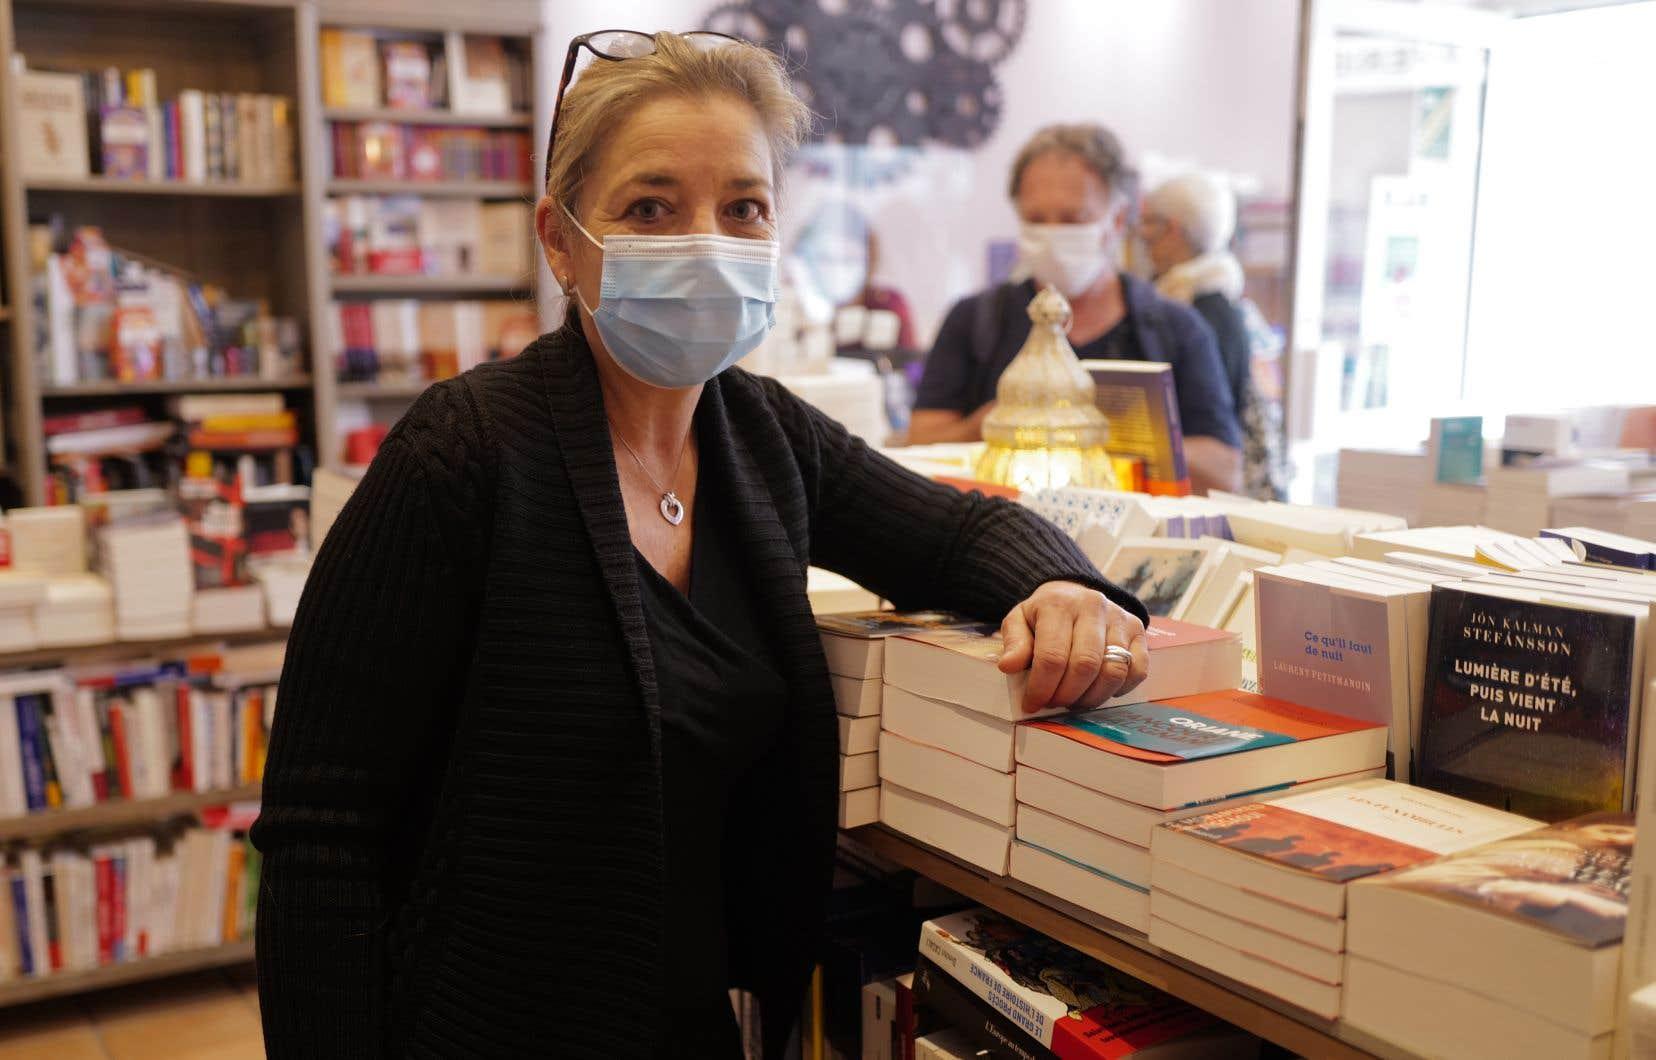 La propriétaire de la librairie Autour d'un livre, à Cannes, Florence Kammermann, a refusé de fermer boutique. Elle risque six mois de prison et 3500 euros d'amende.